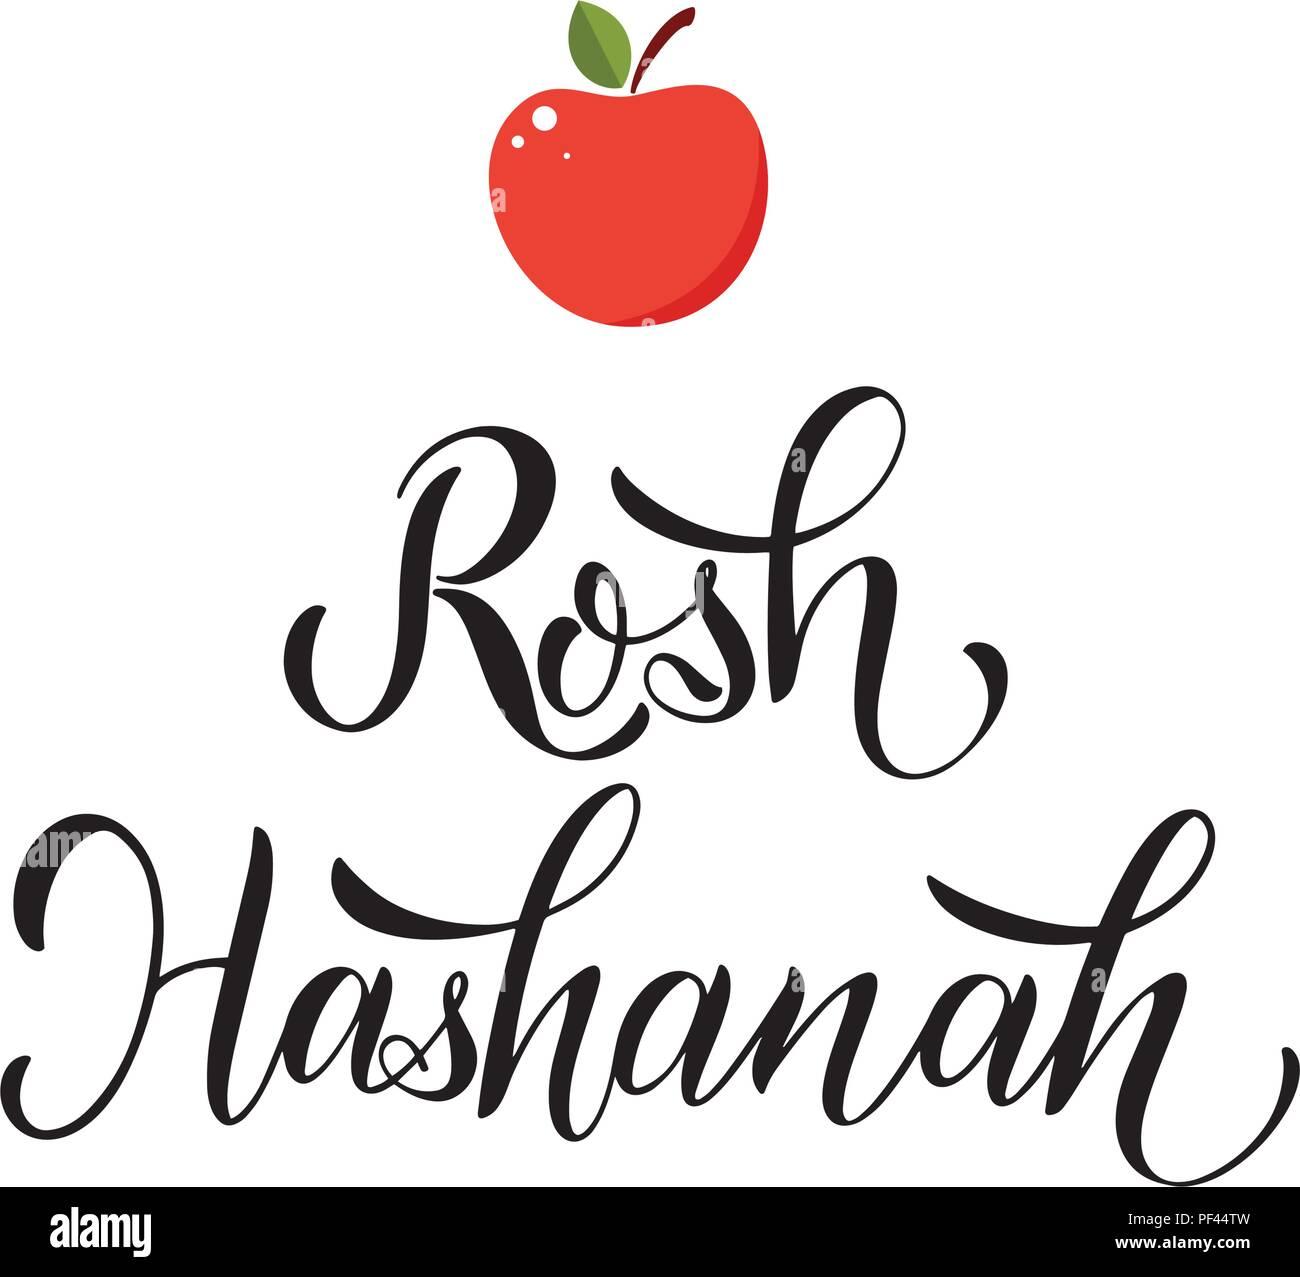 Rosh Hashanah Card Stock Photos Rosh Hashanah Card Stock Images